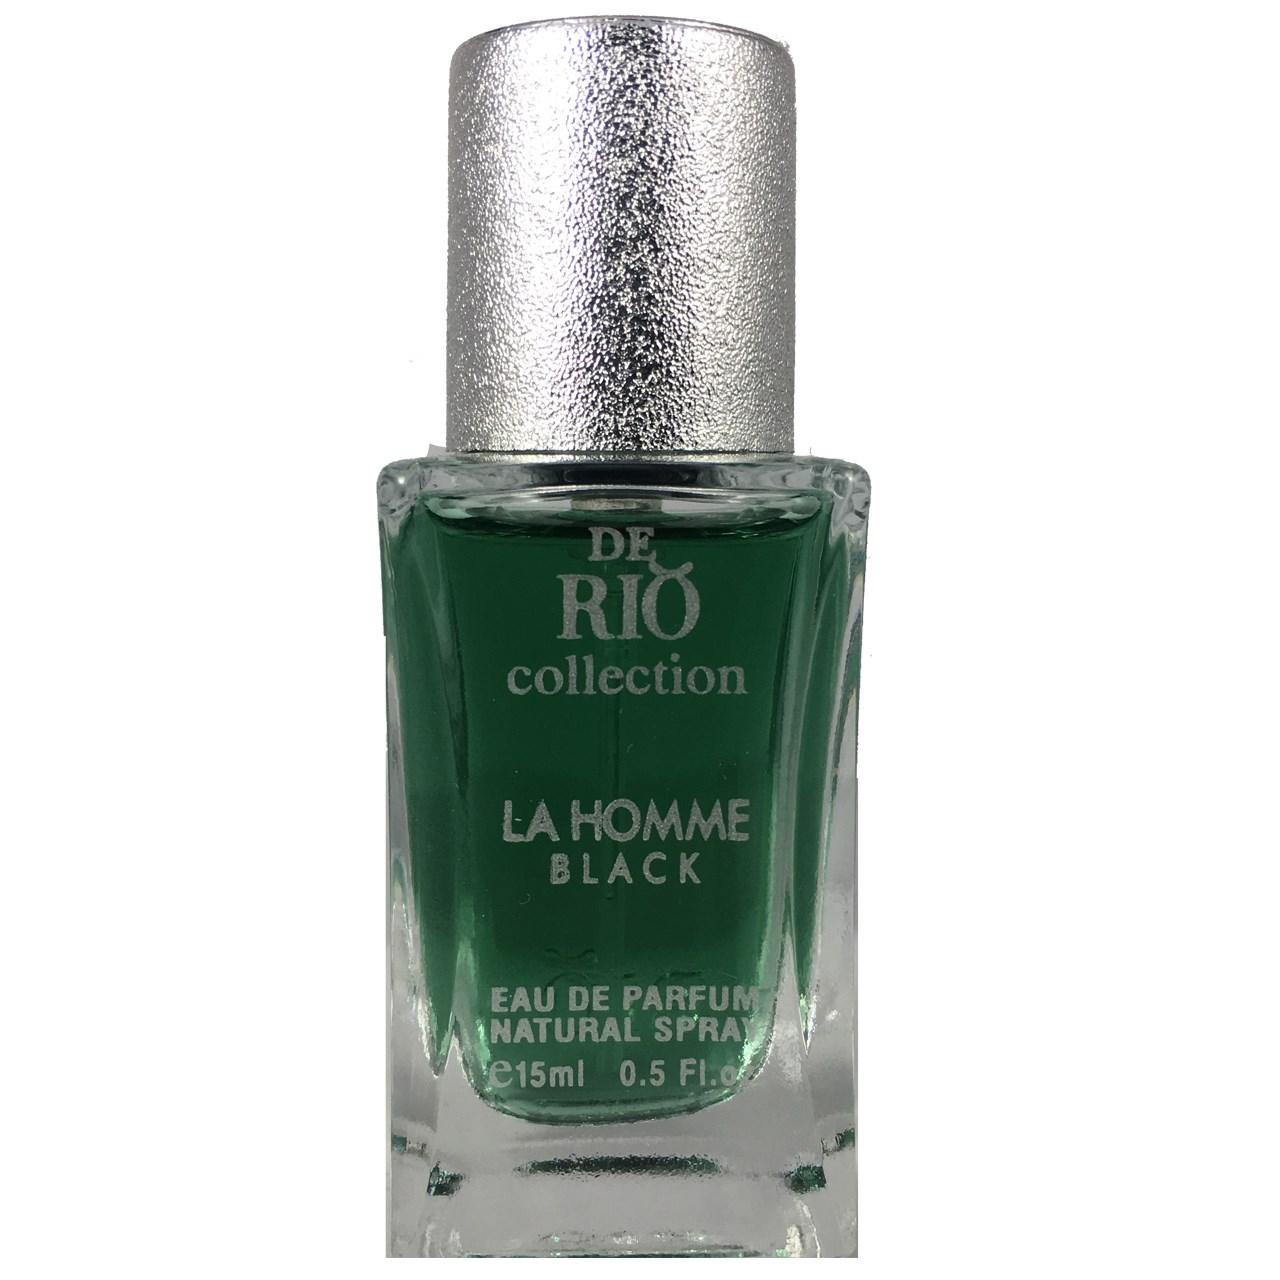 ادو پرفیوم مردانه زنانه ریو کالکشن مدلRio La Homme Black حجم 15ml